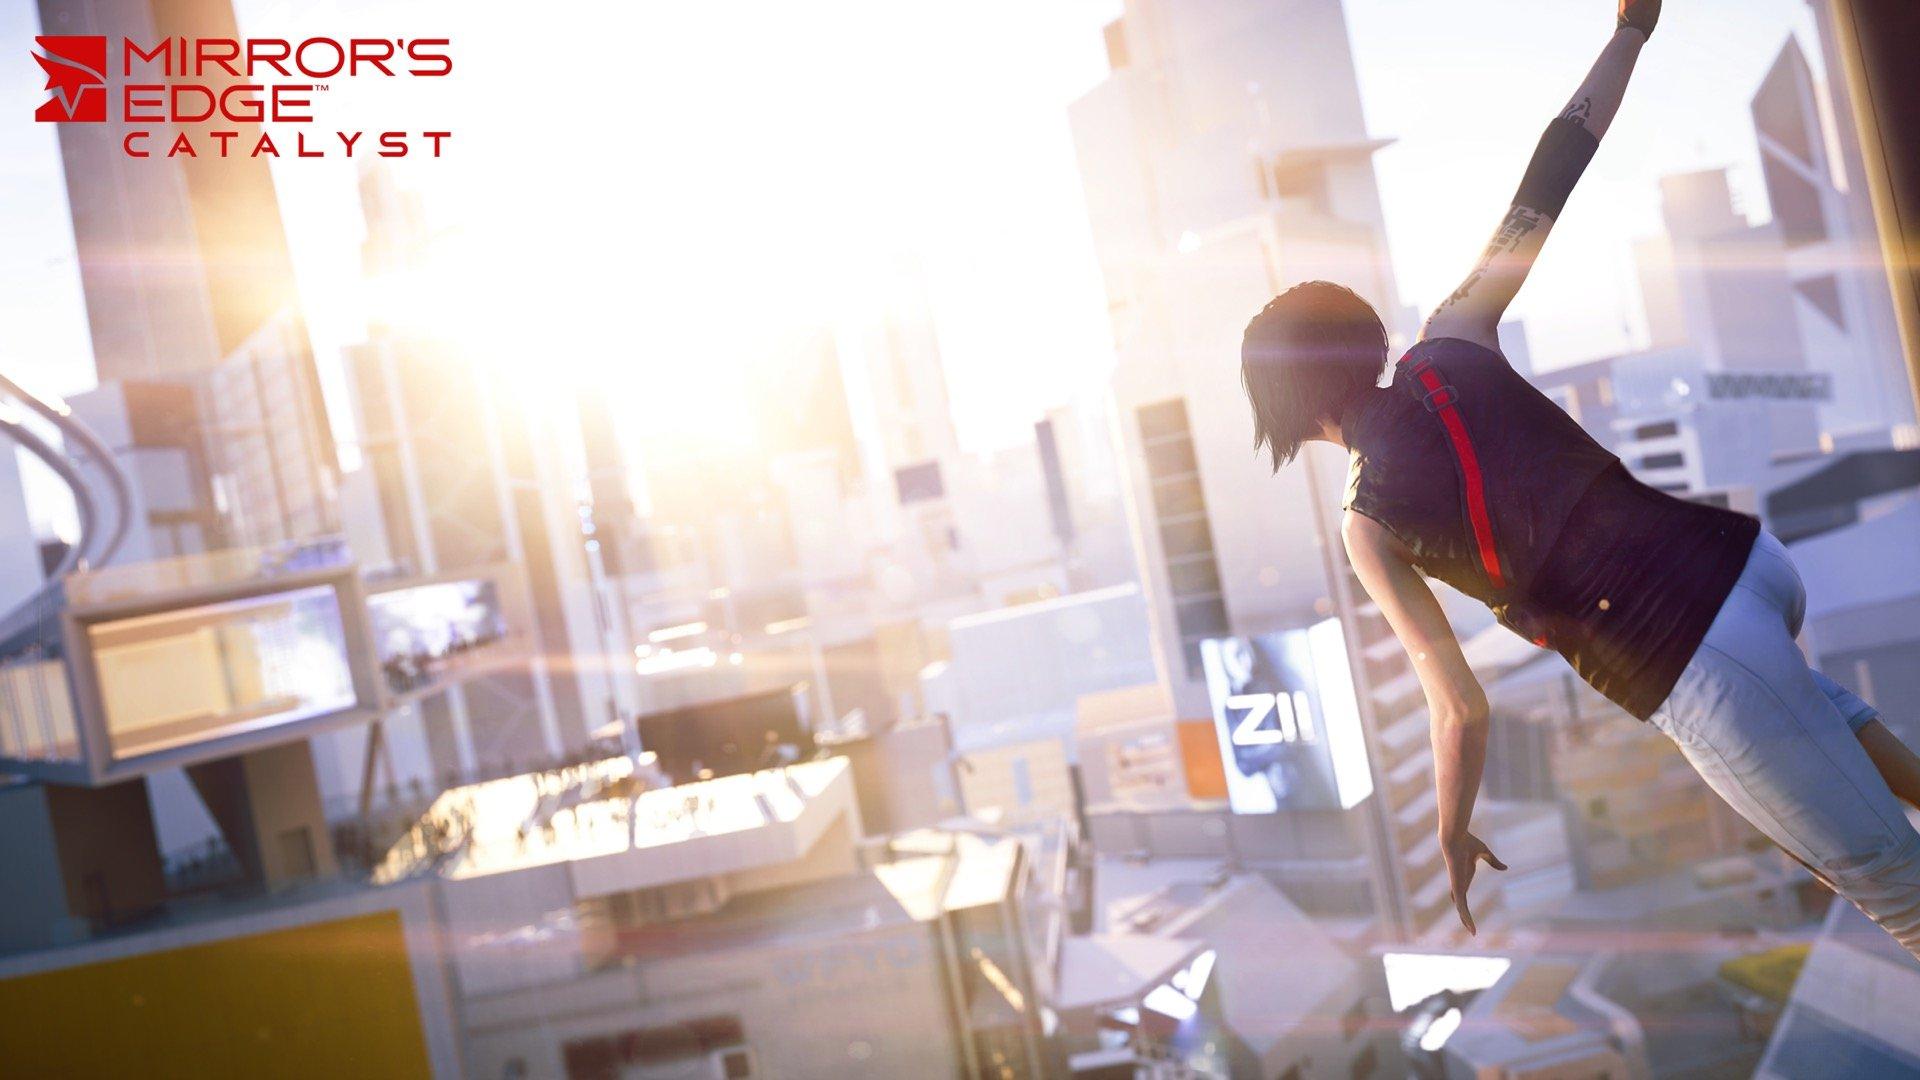 Создание франшизы Mirror's Edge [ПЕРЕВОД] - Изображение 8